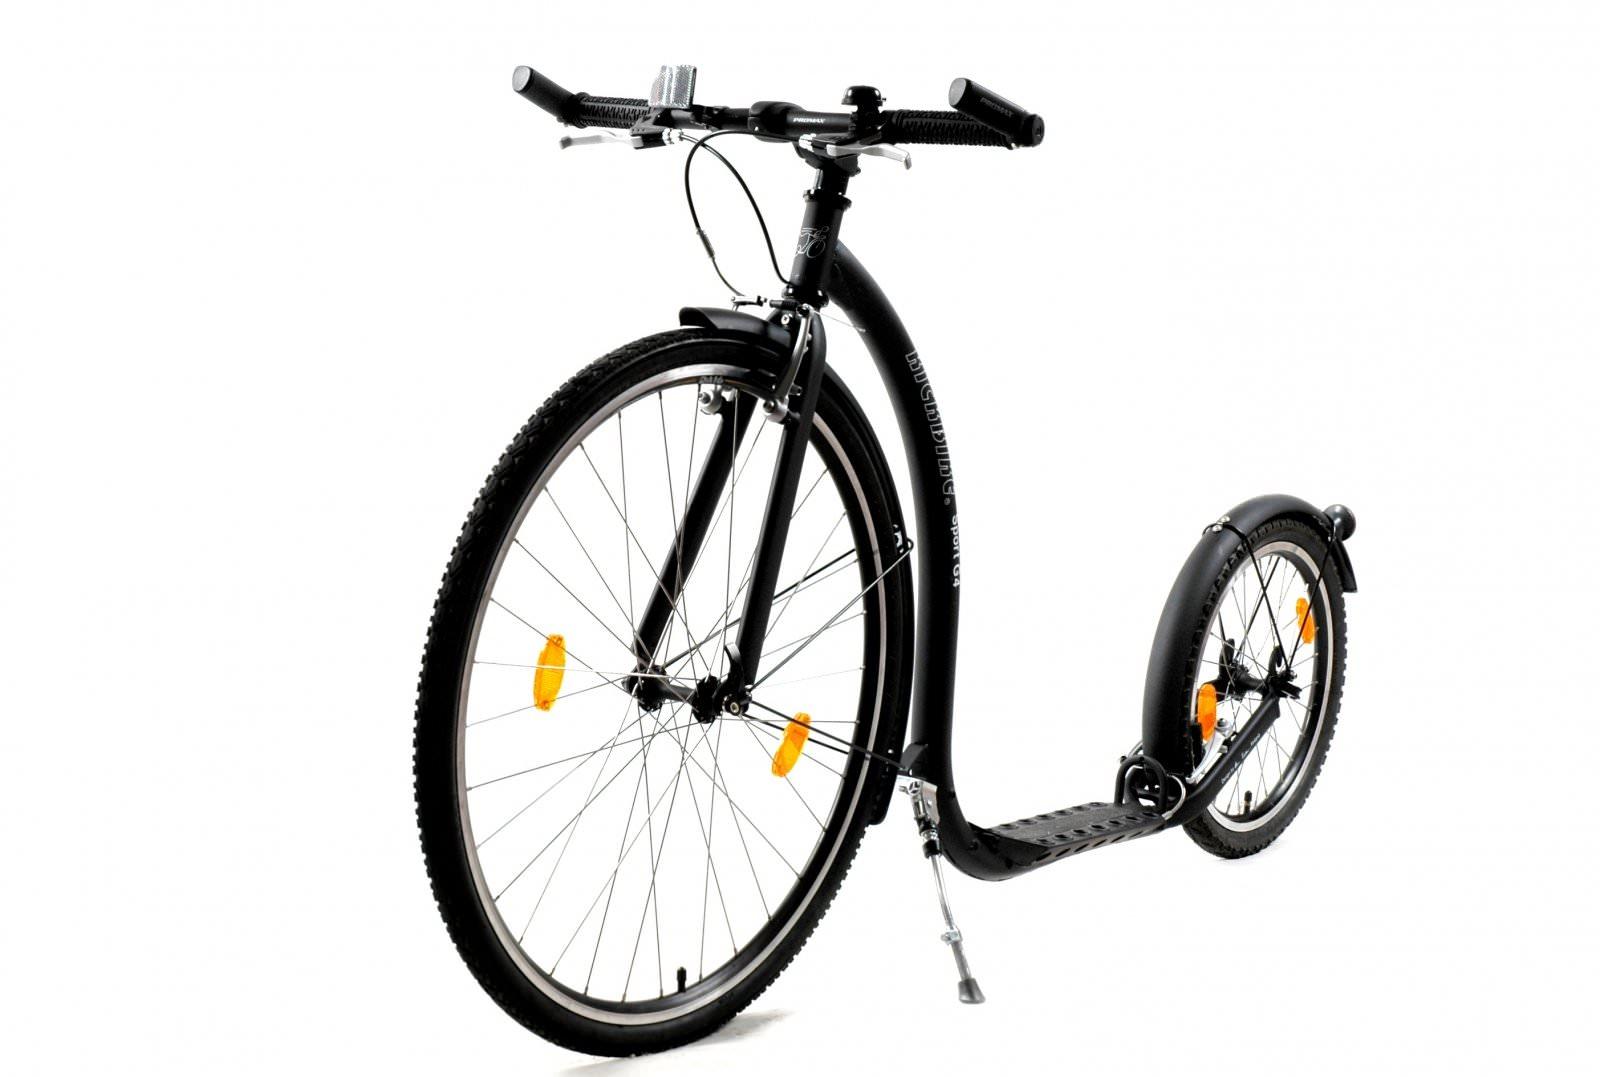 trottinette Kickbike Sport G4 Noire pour adultes, pratique sportive et vitesse jusque 100kg footbike